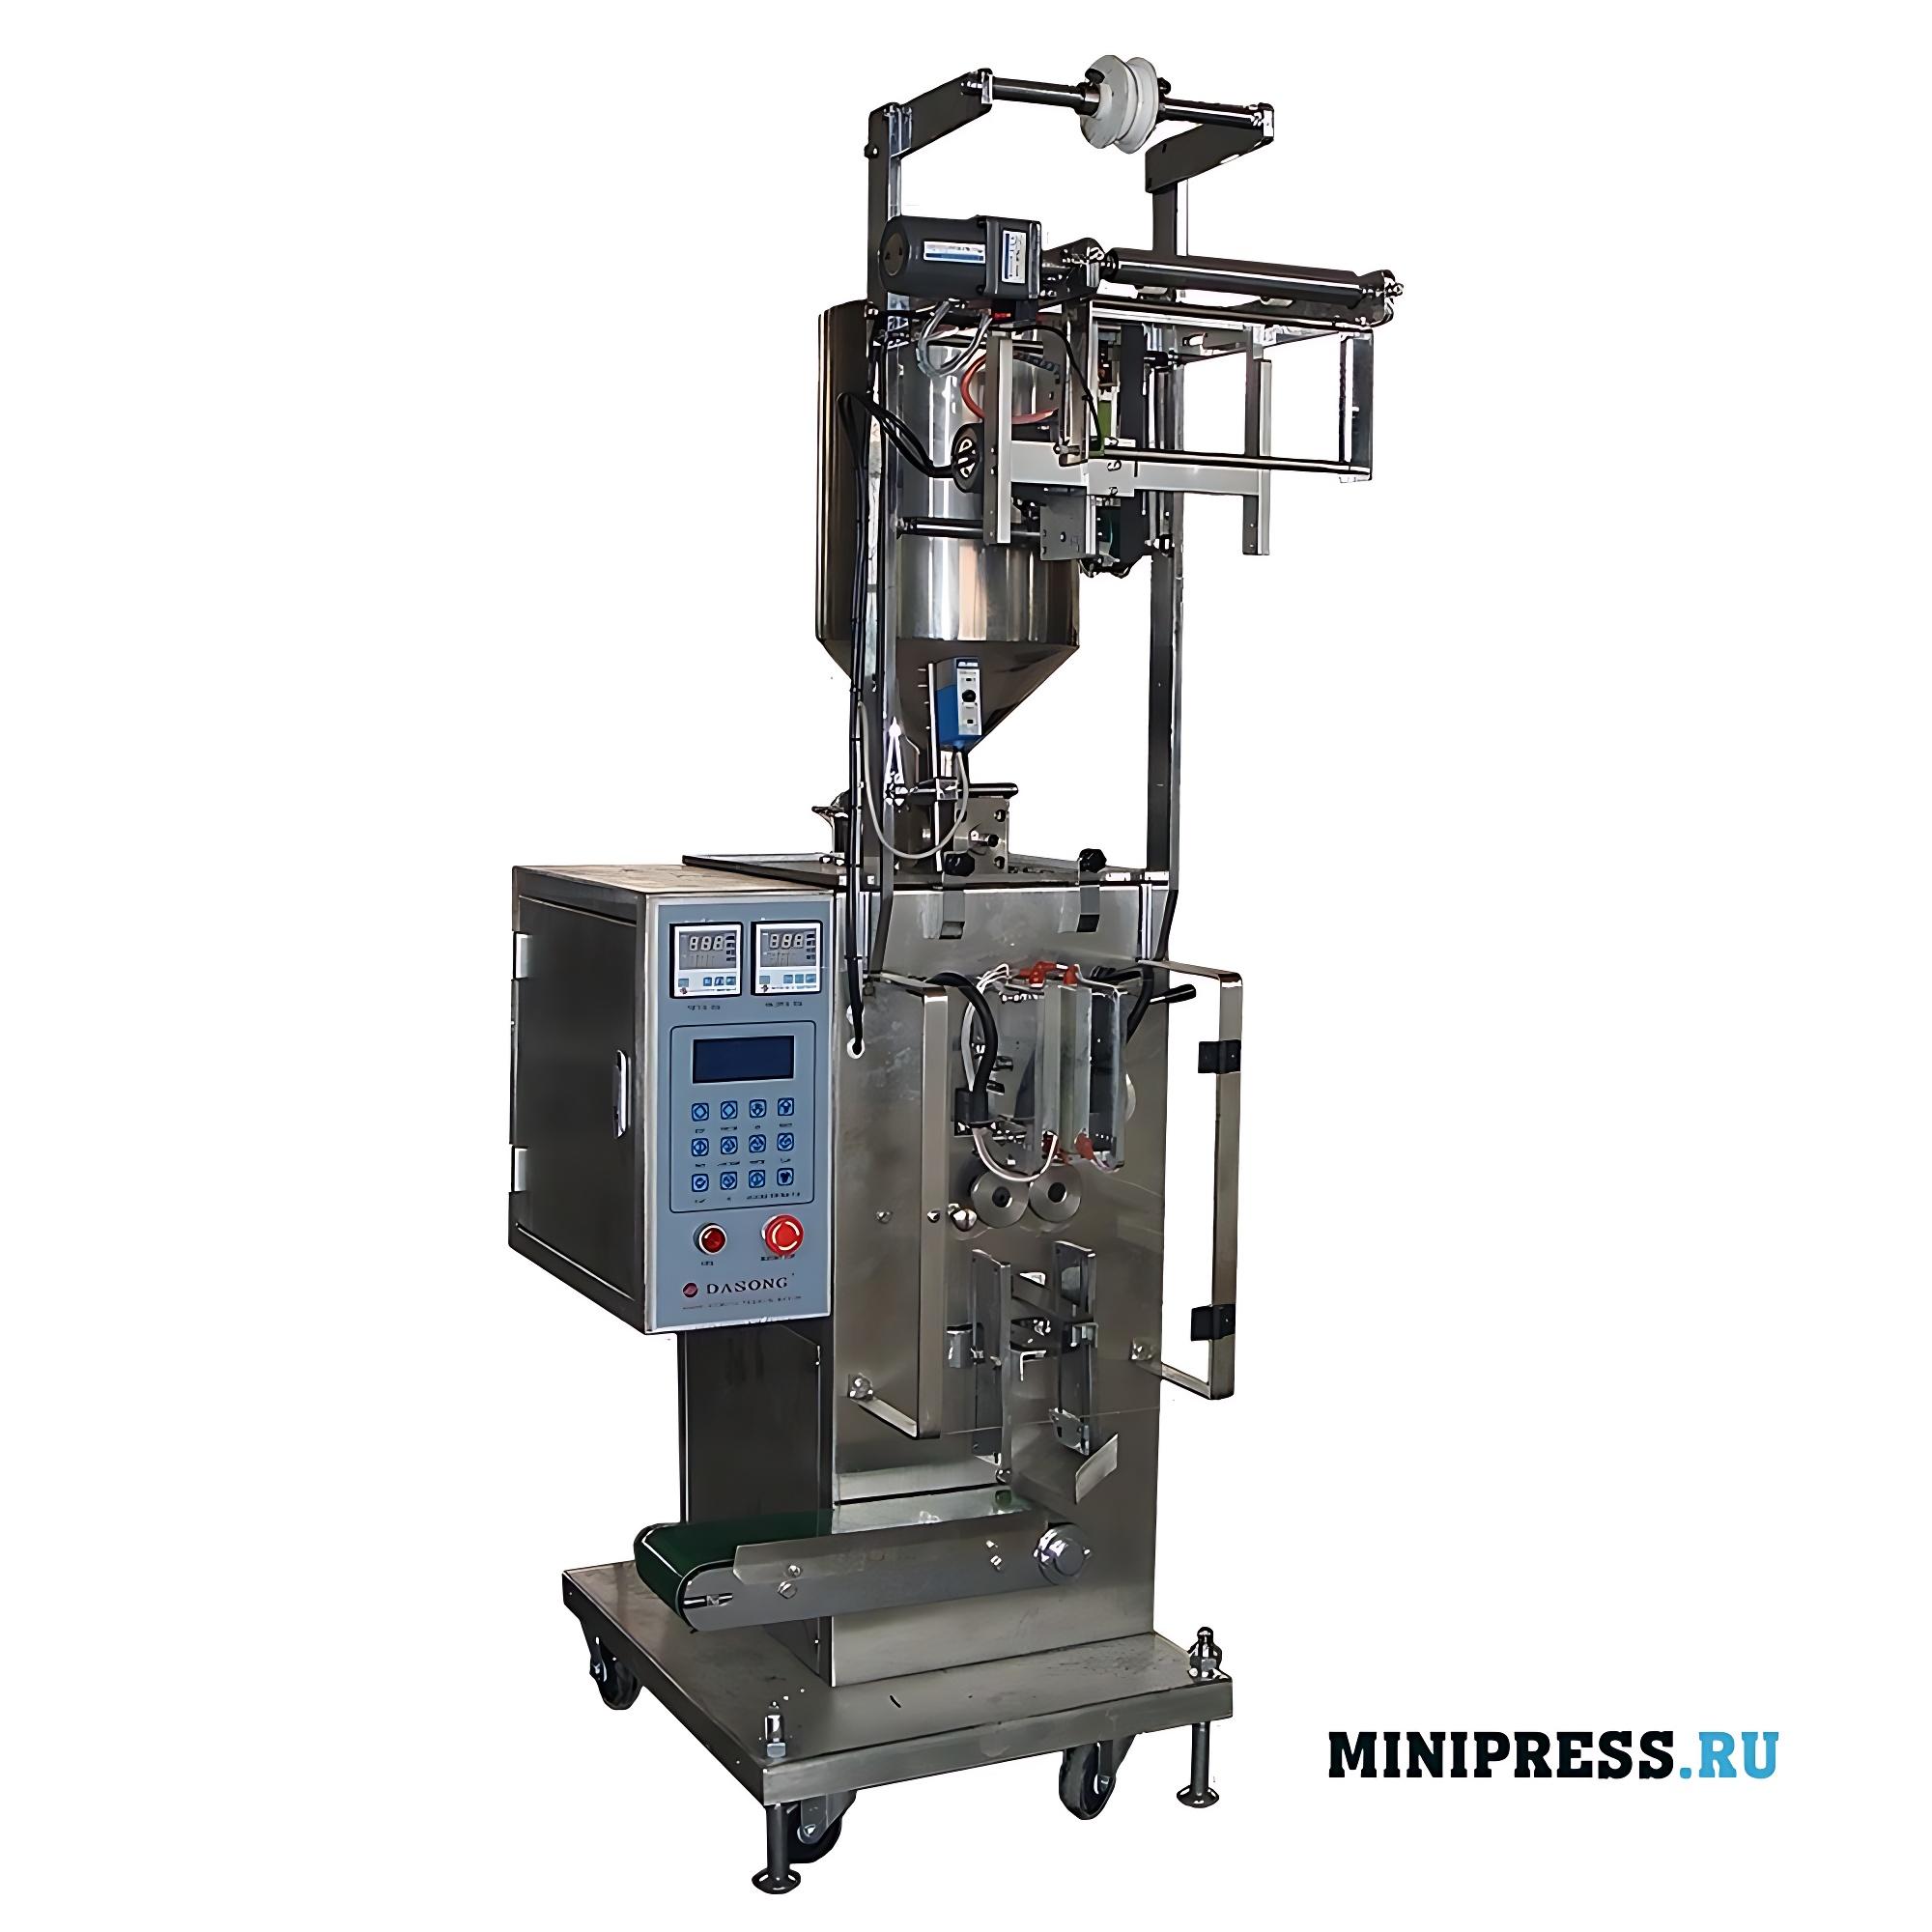 Автоматическое оборудование для розлива и упаковки жидкостей